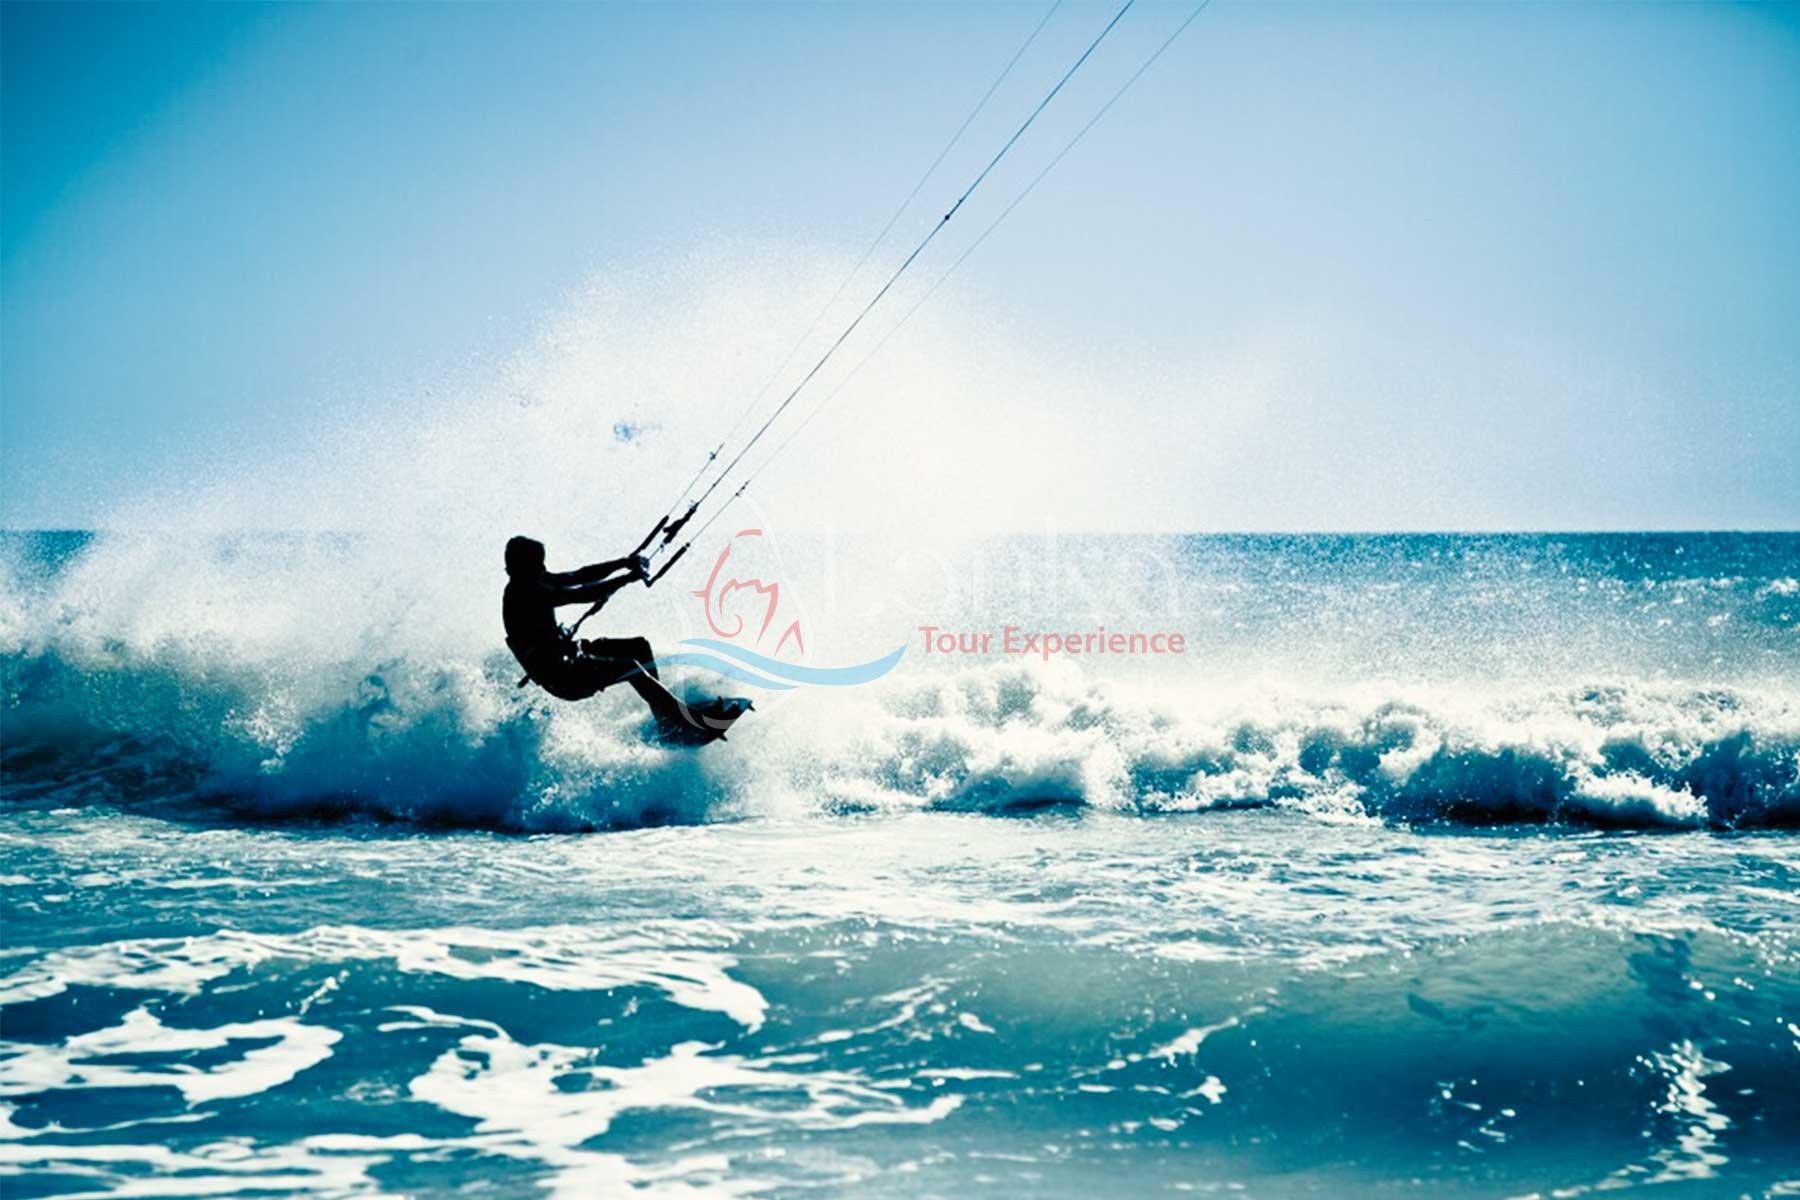 Best things to do in Sri Lanka, Kite Surfing in Sri Lanka